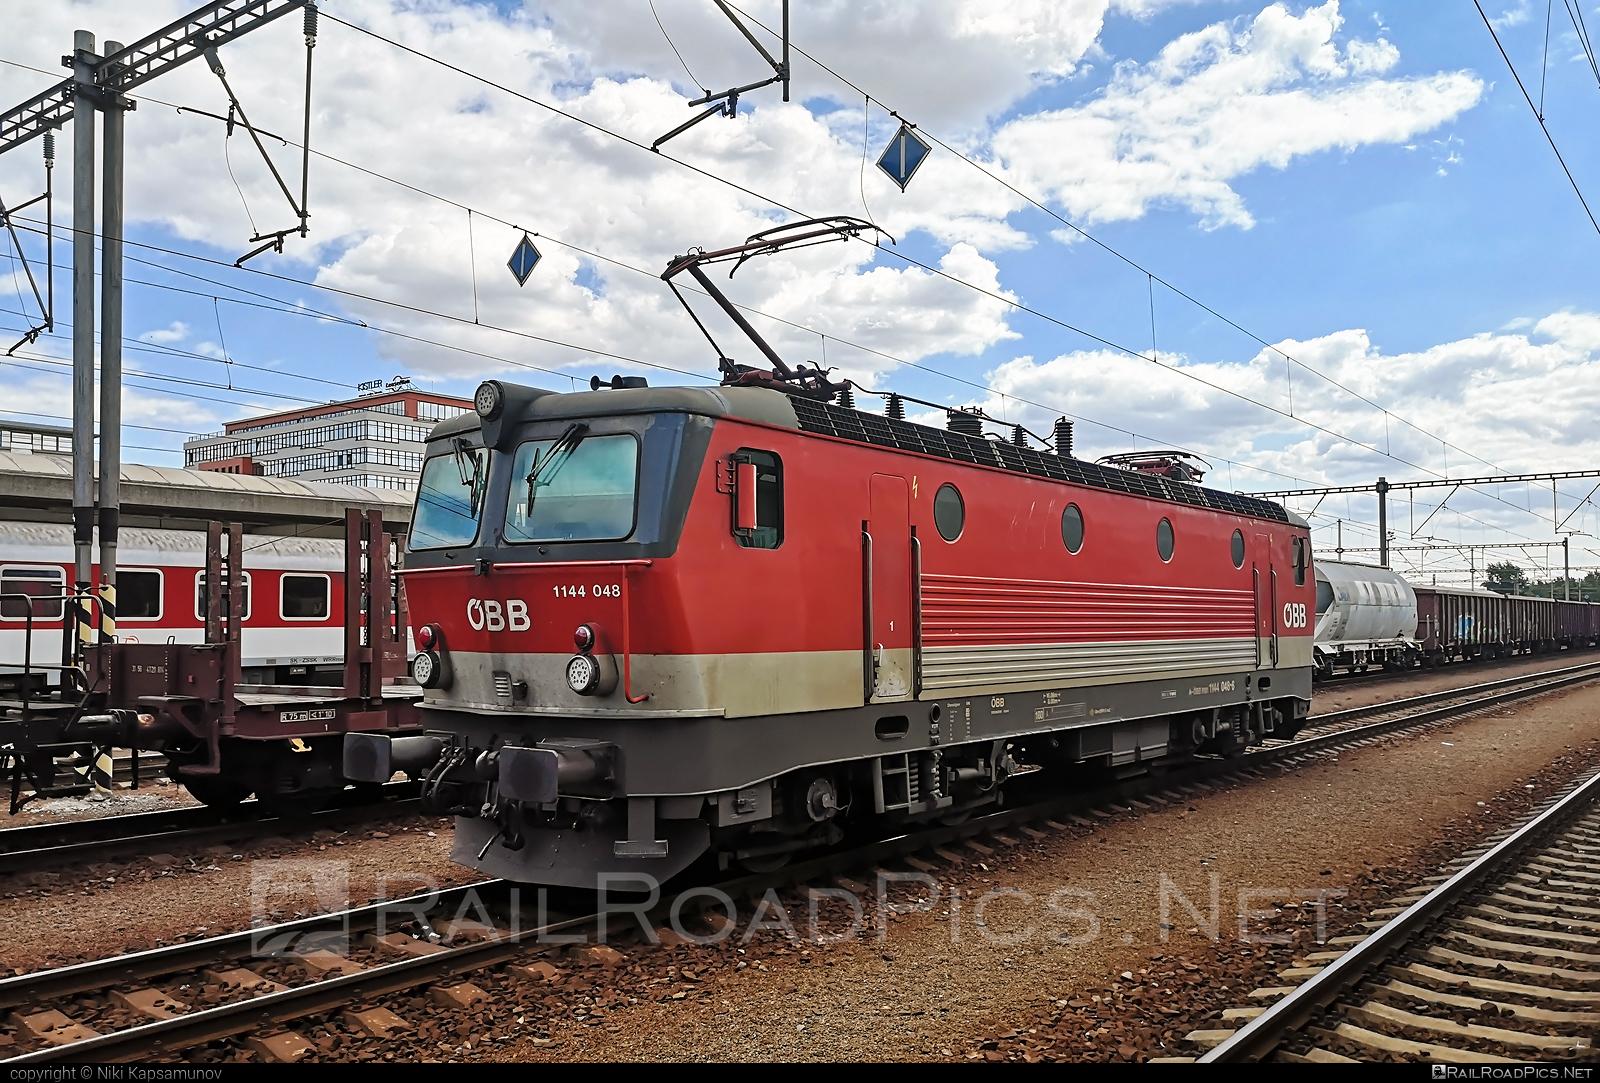 SGP ÖBB Class 1144 - 1144 048 operated by Rail Cargo Austria AG #obb #obbclass1144 #osterreichischebundesbahnen #rcw #sgp #sgp1144 #simmeringgrazpauker